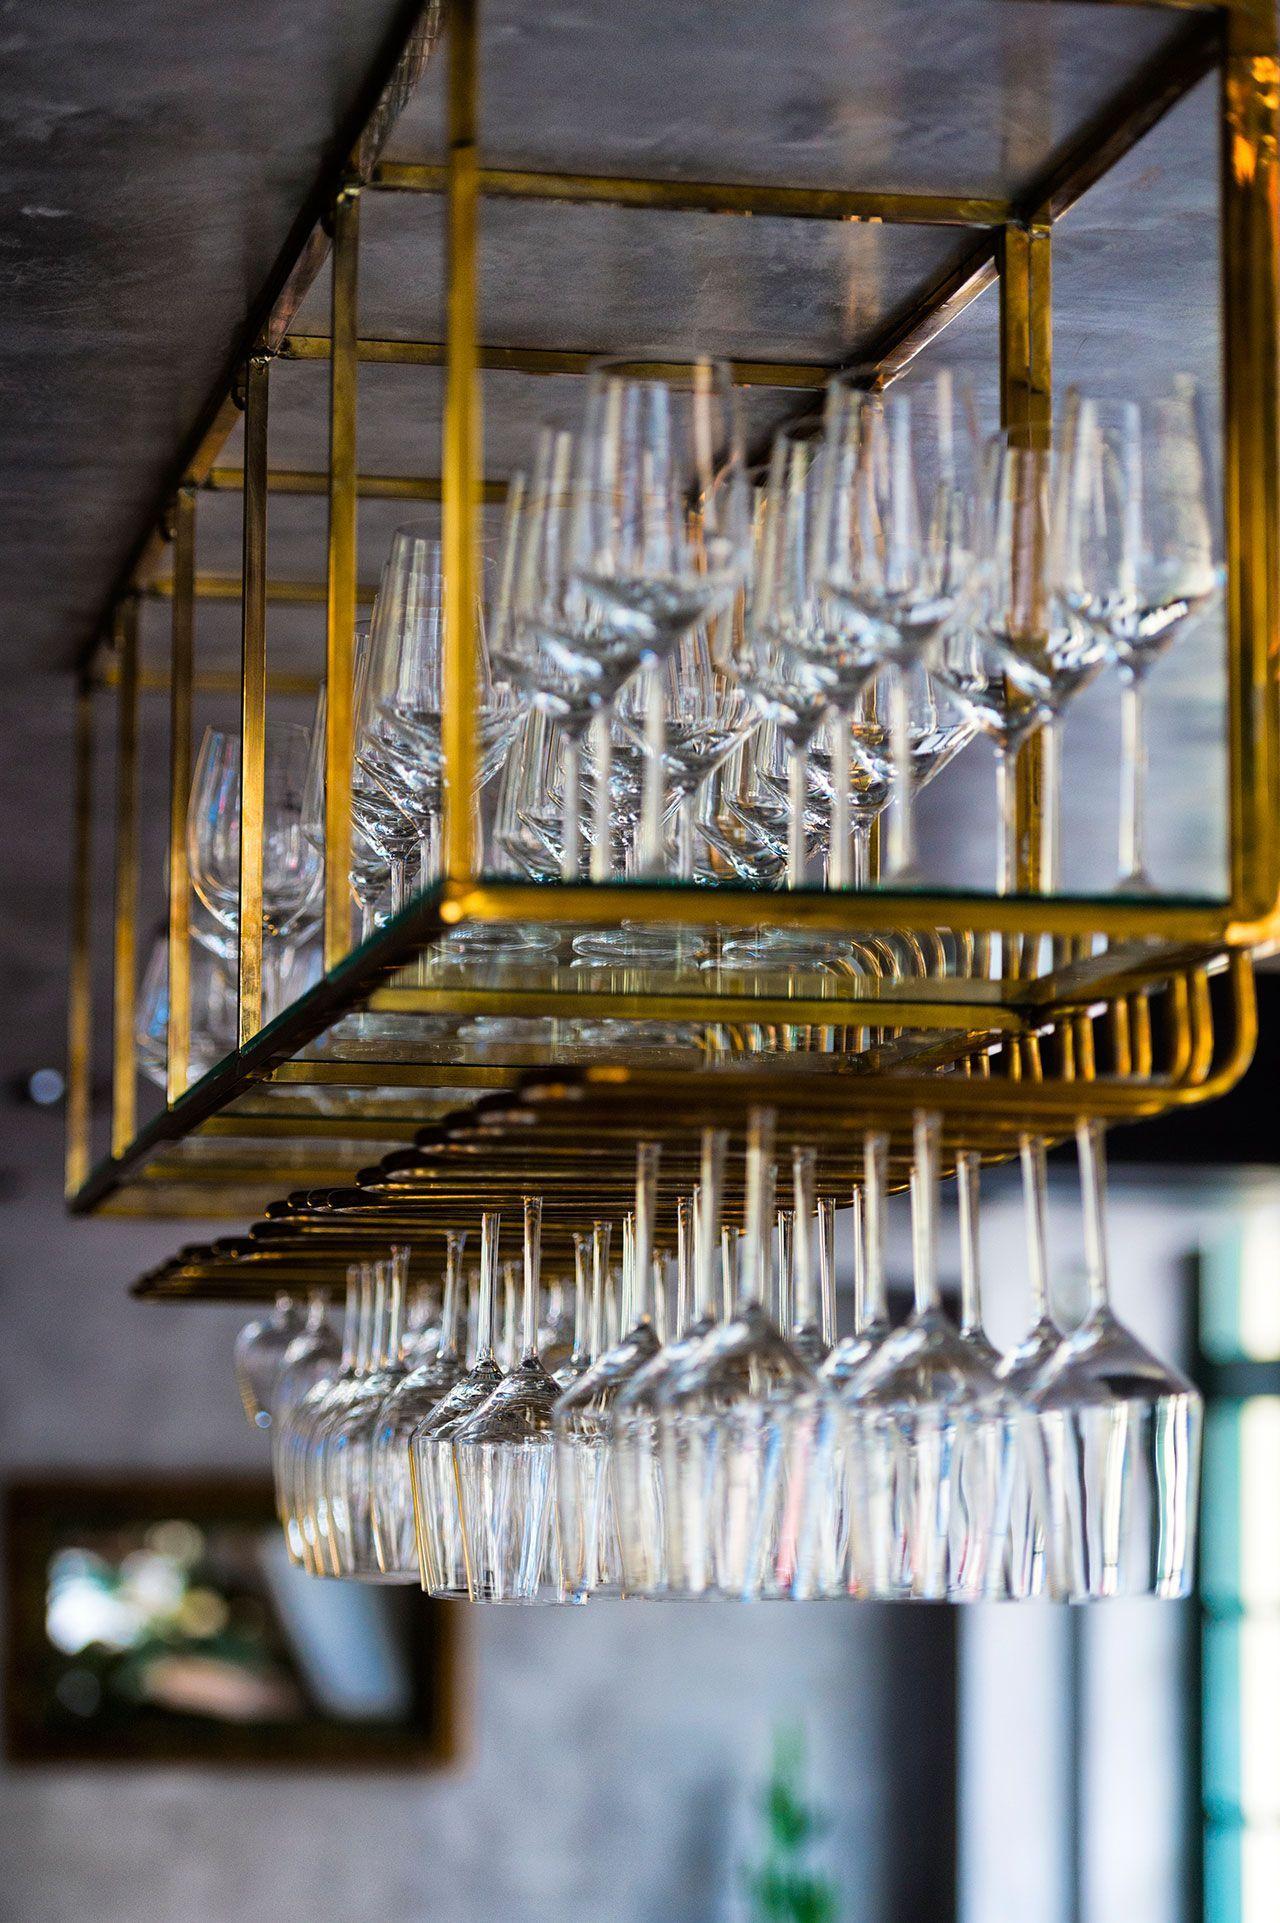 Küchen design hotel bildergebnis für over bar glass holders  bar  pinterest  bar